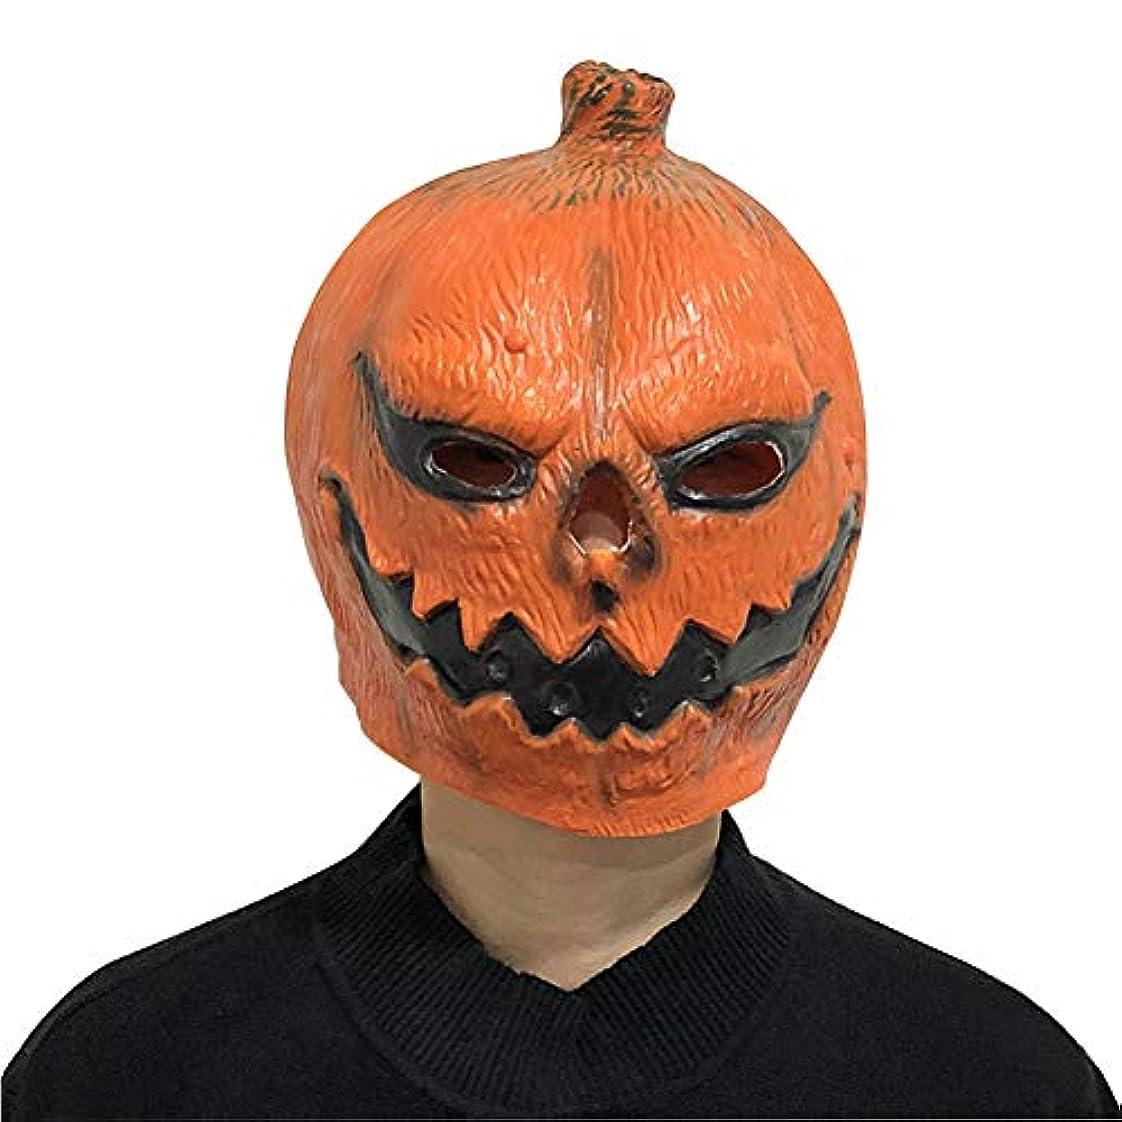 専ら胆嚢故障中テーマパーティー、コスチュームボール、カーニバル、ハロウィーン、レイブパーティー、仮面舞踏会などに適したハロウィーンマスク、カボチャラテックスマスク